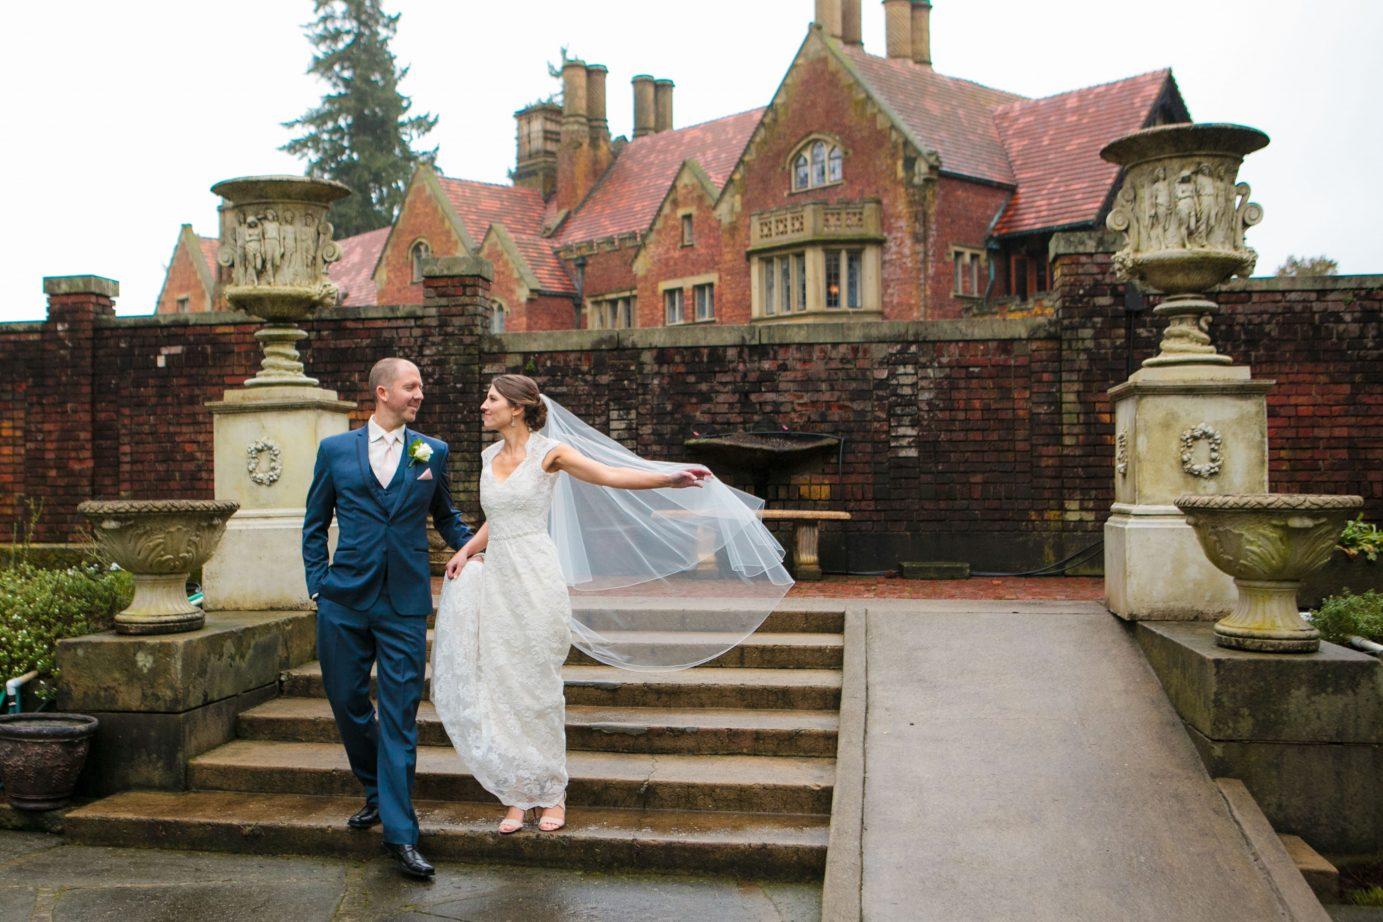 thornewood-castle-wedding-photographer-in-tacoma